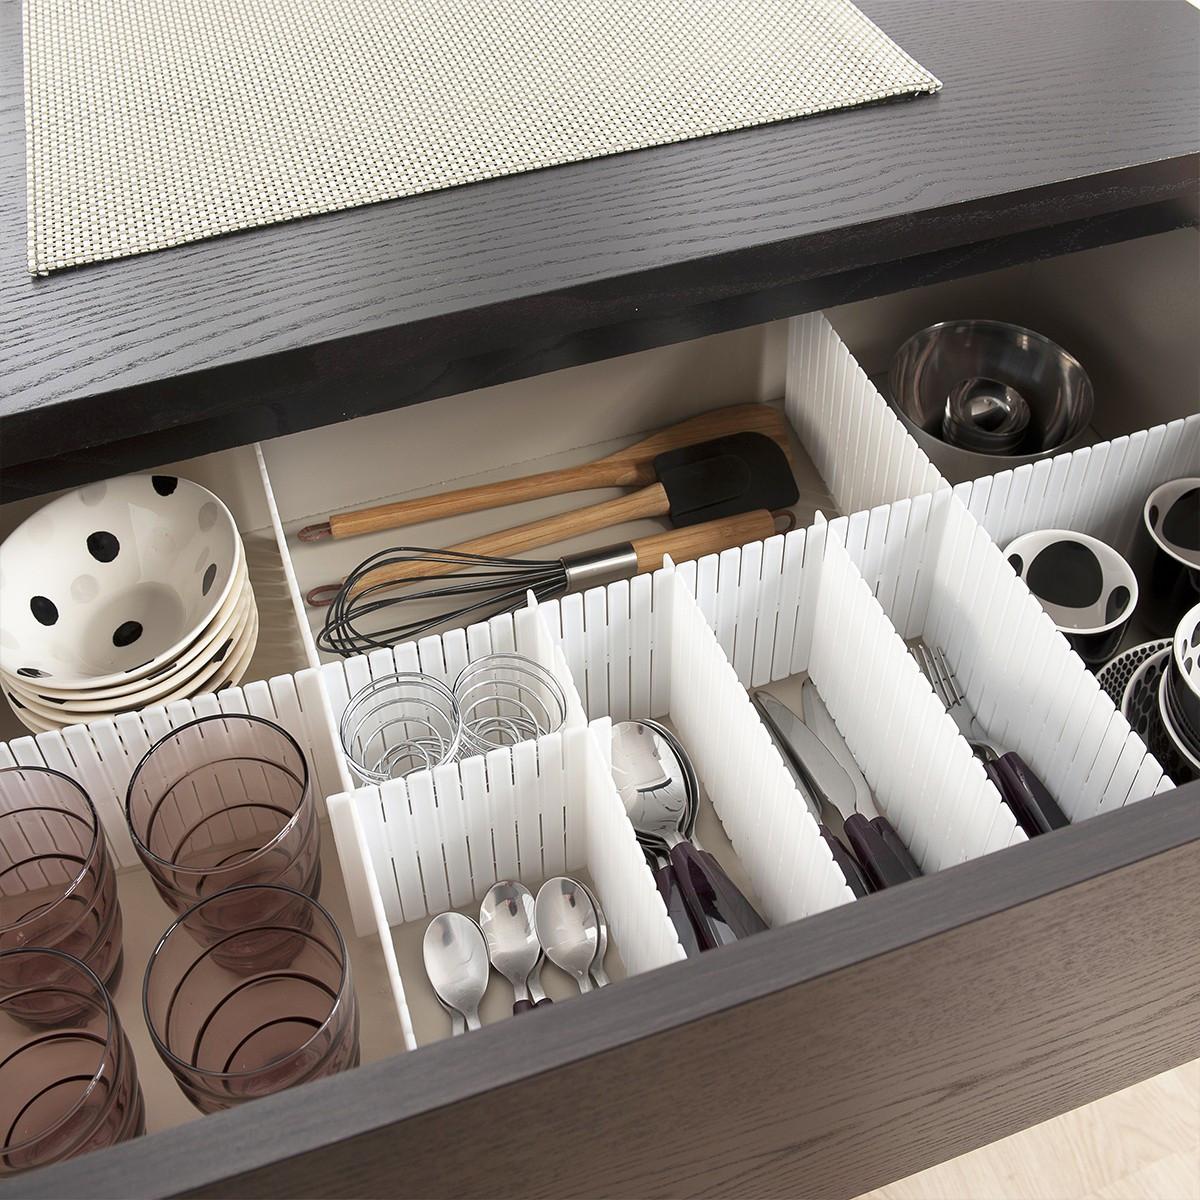 Les planches de radiesth sie sont des accessoires qui - Organisateur tiroir cuisine ...